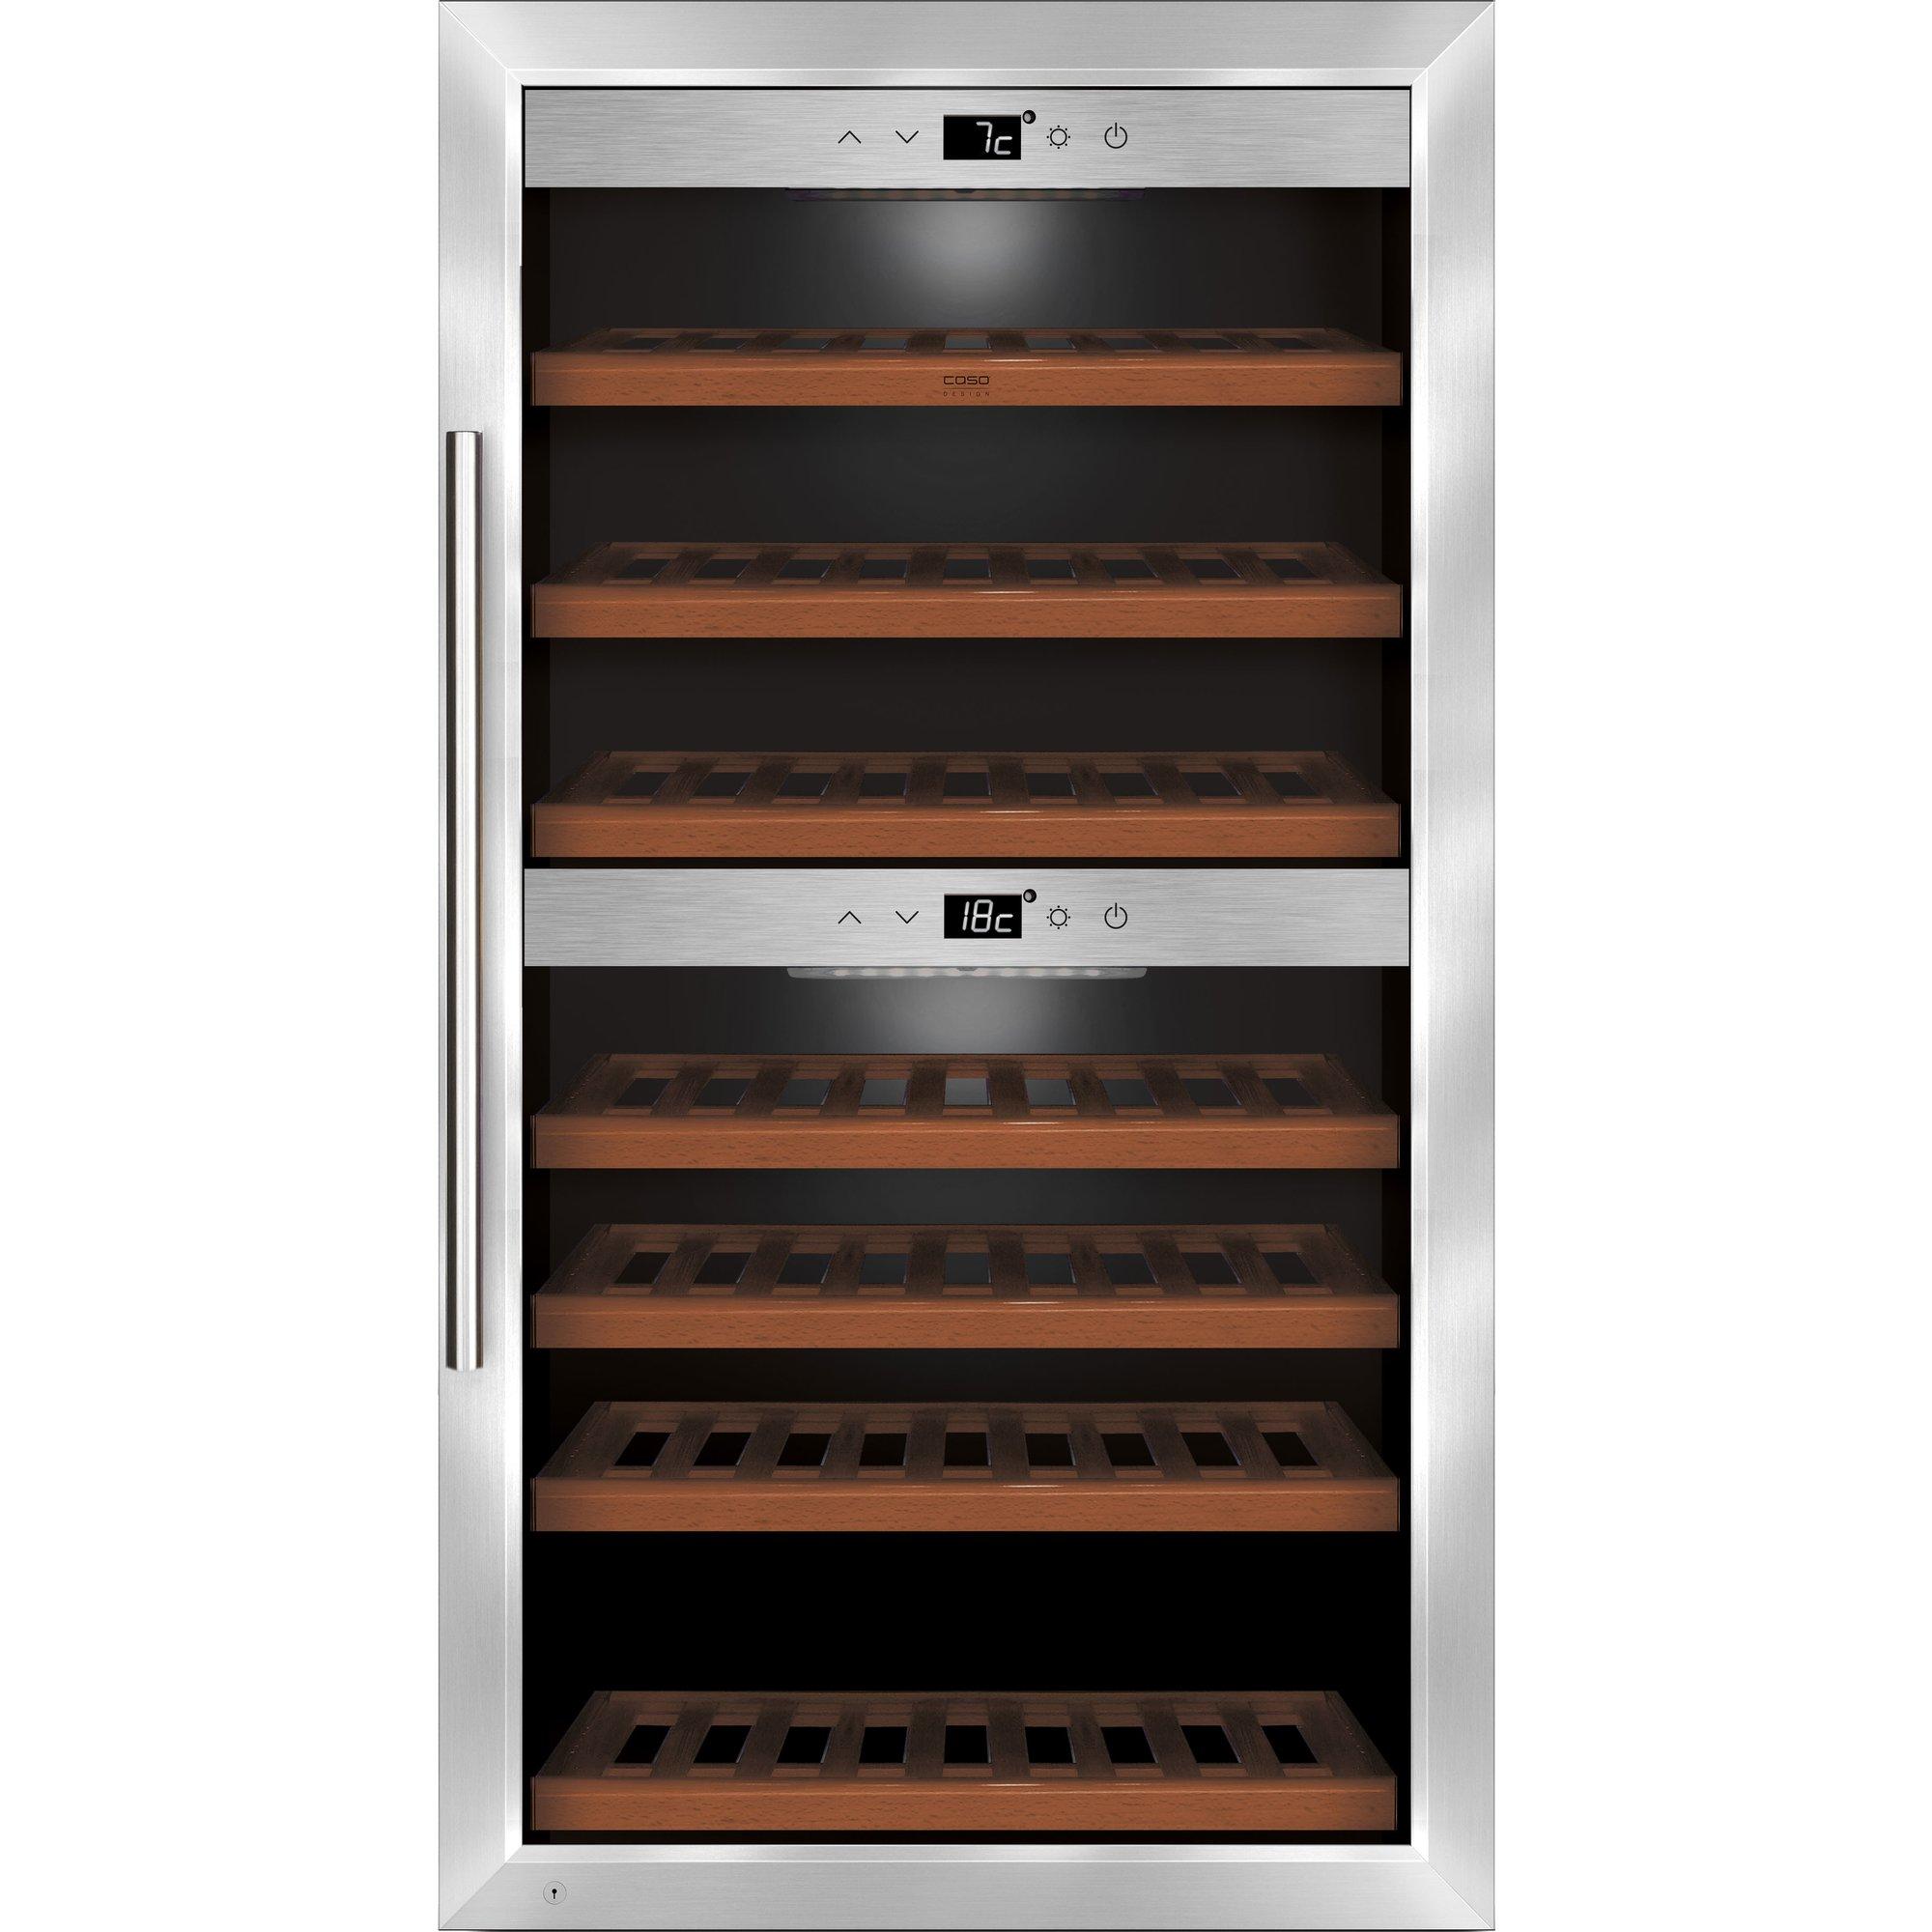 Caso WineComfort 660 Smart vinkylskåp